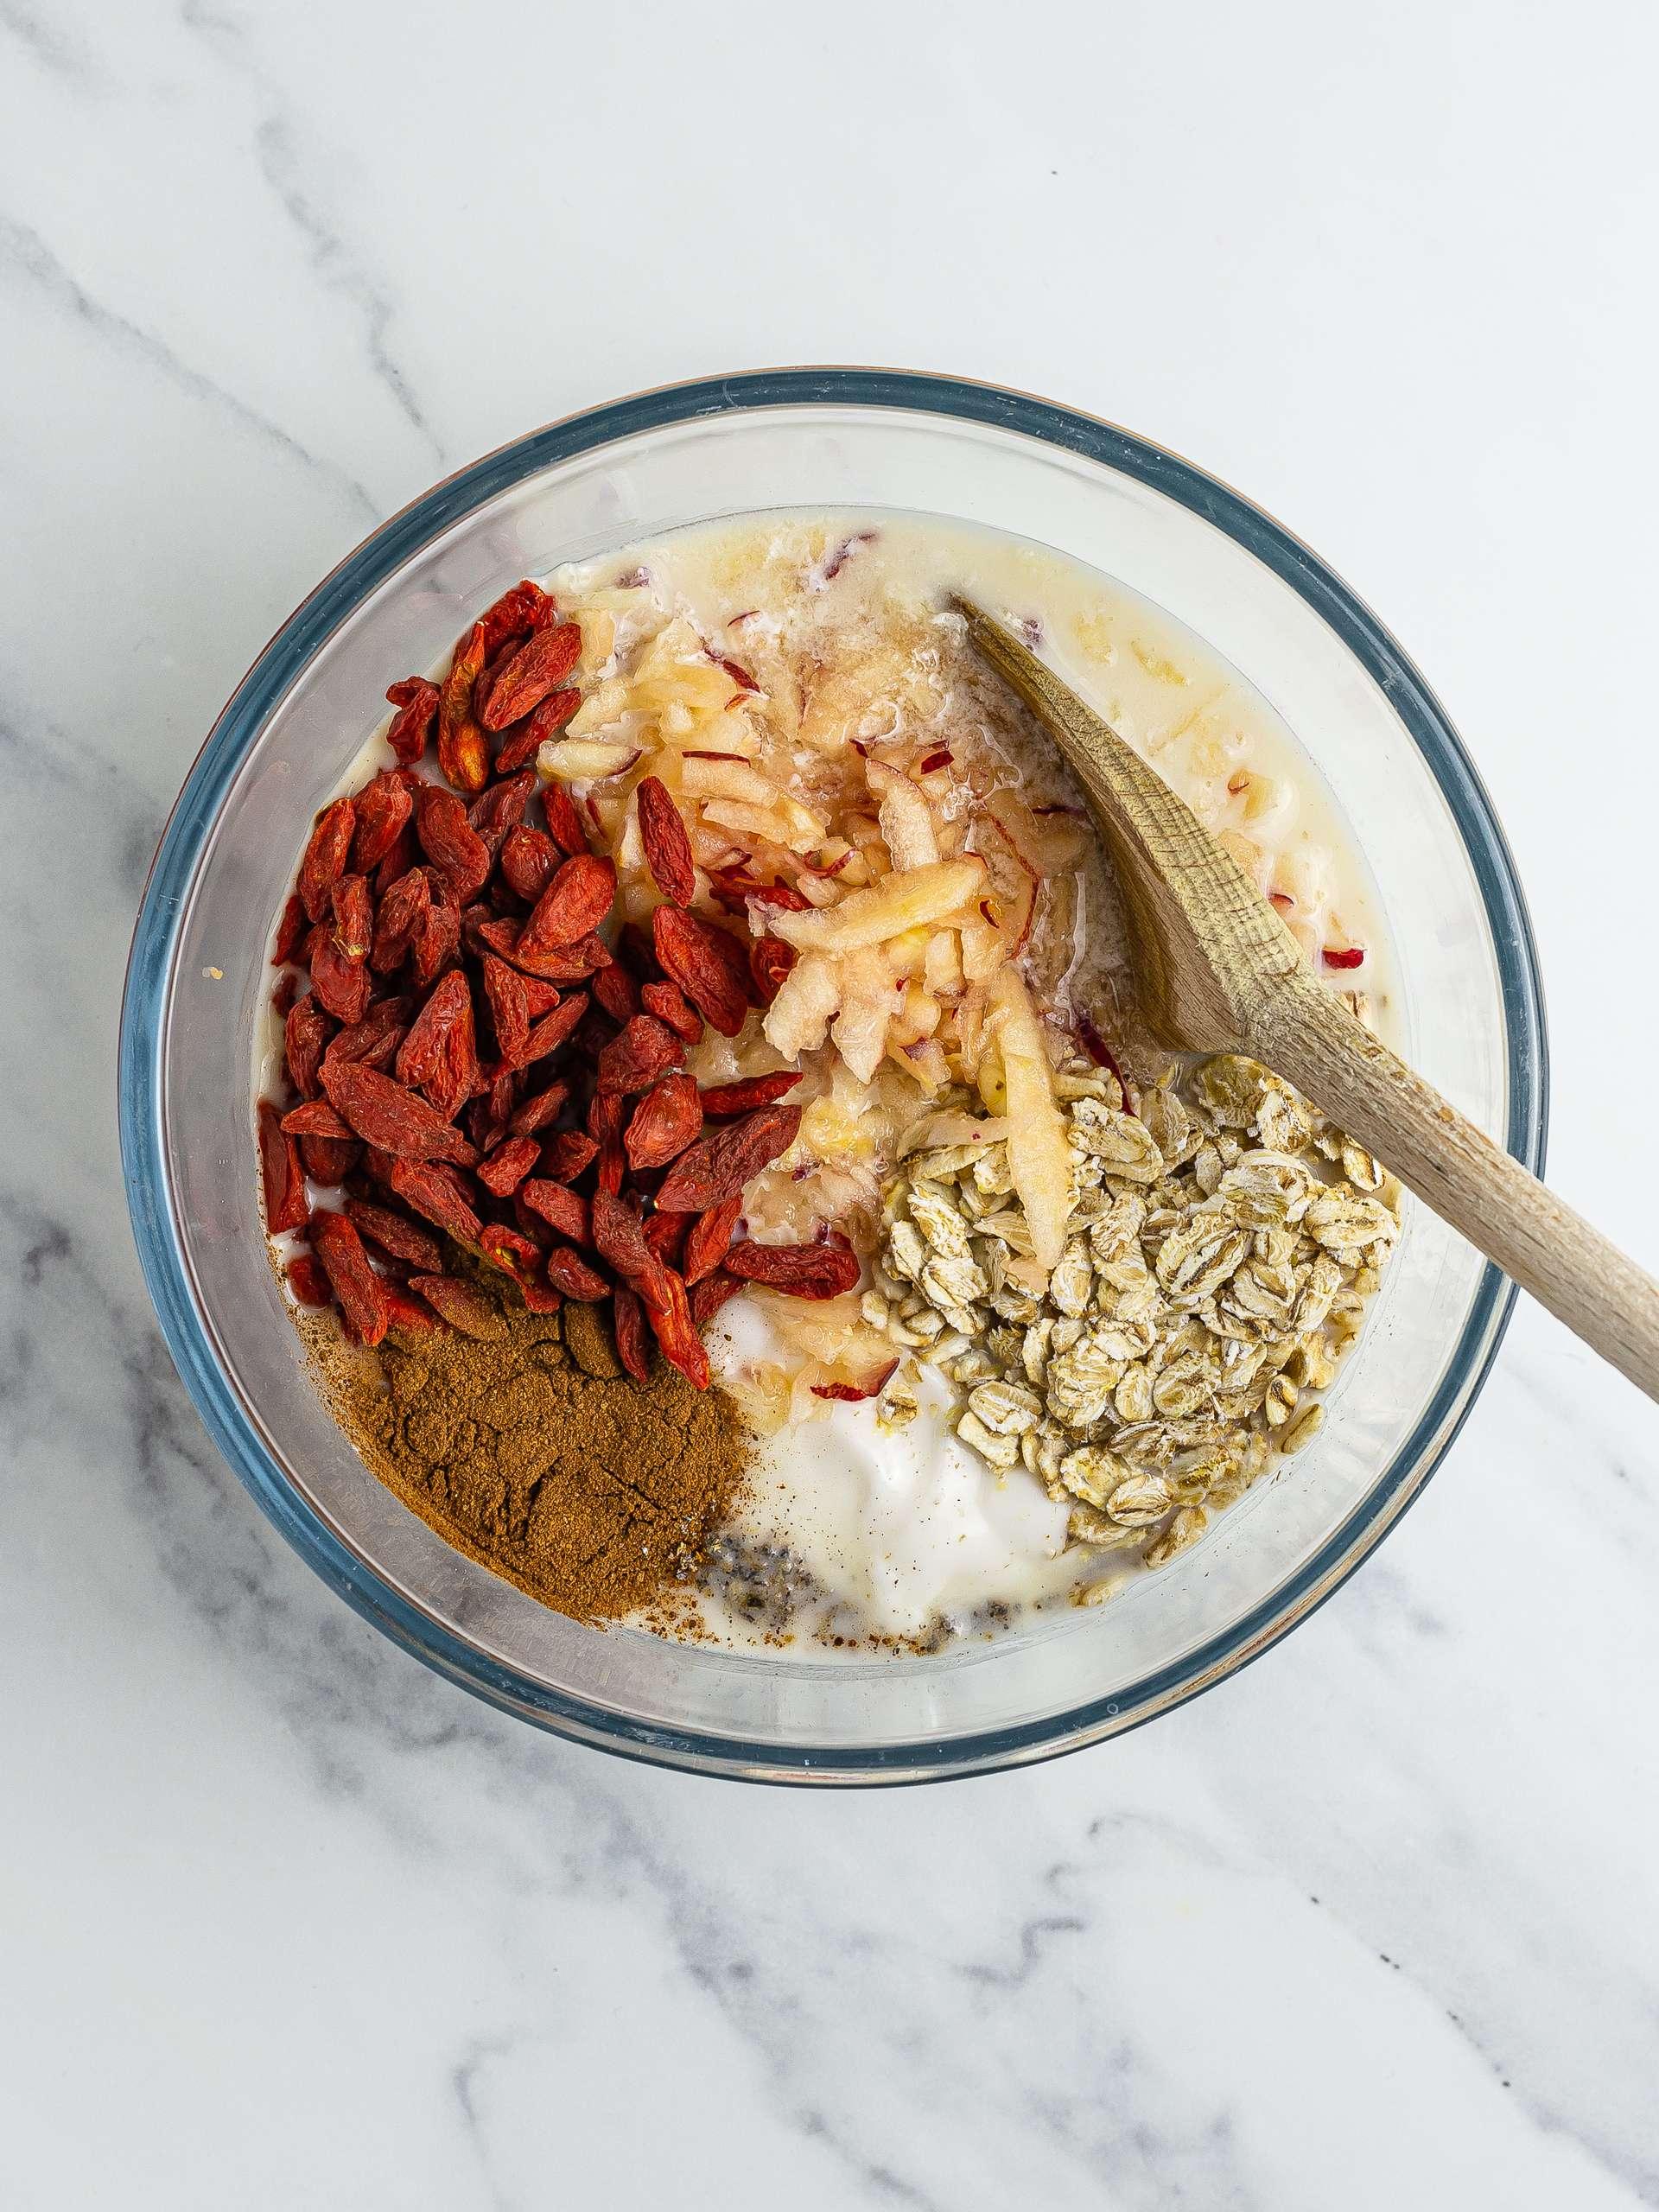 Goji, apple, and cinnamon muesli ingredients in a bowl